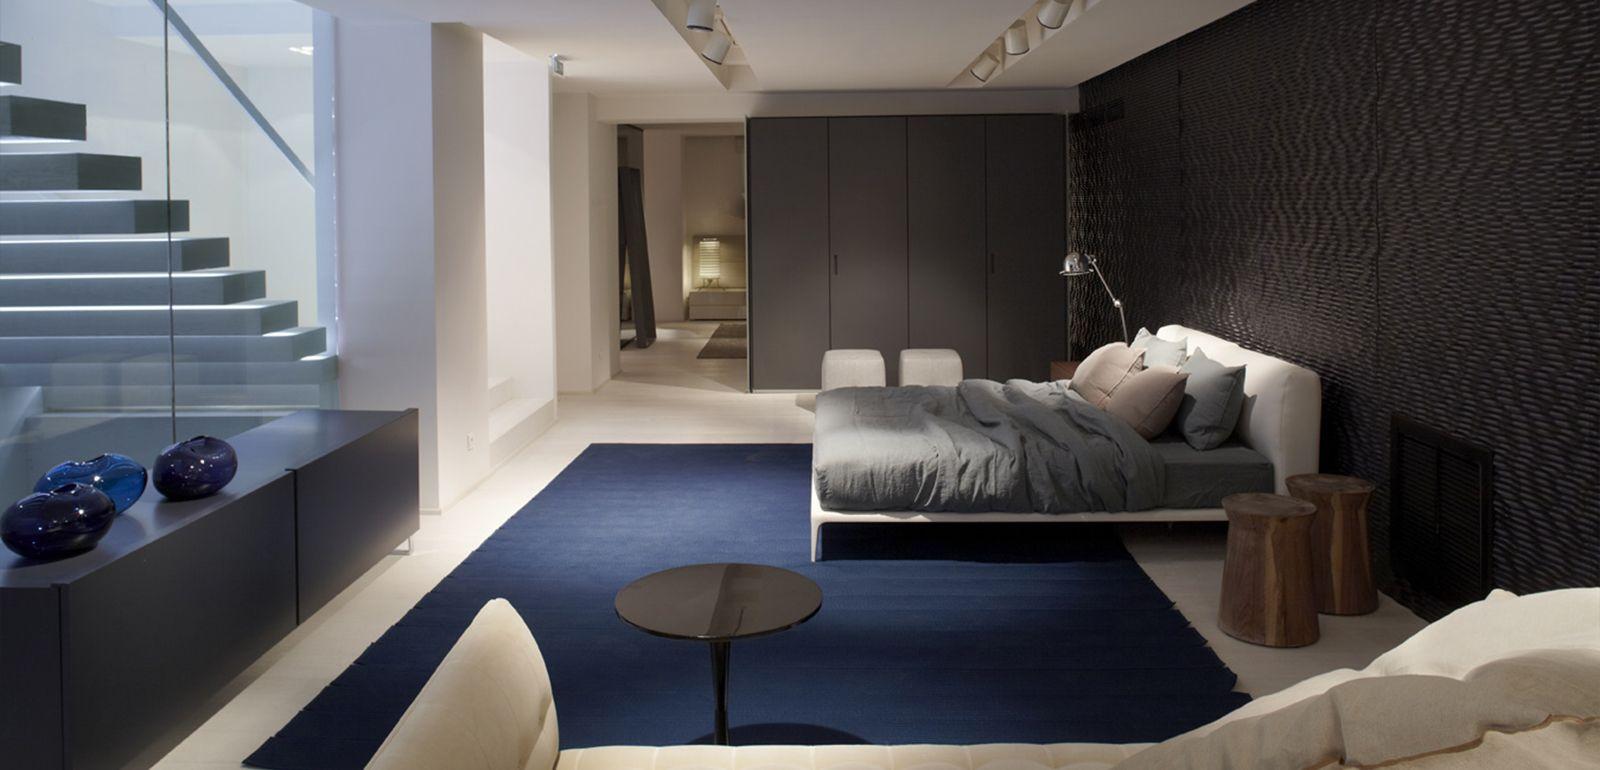 Magasin de meuble design paris mobilier contemporain - Poliform showroom ...